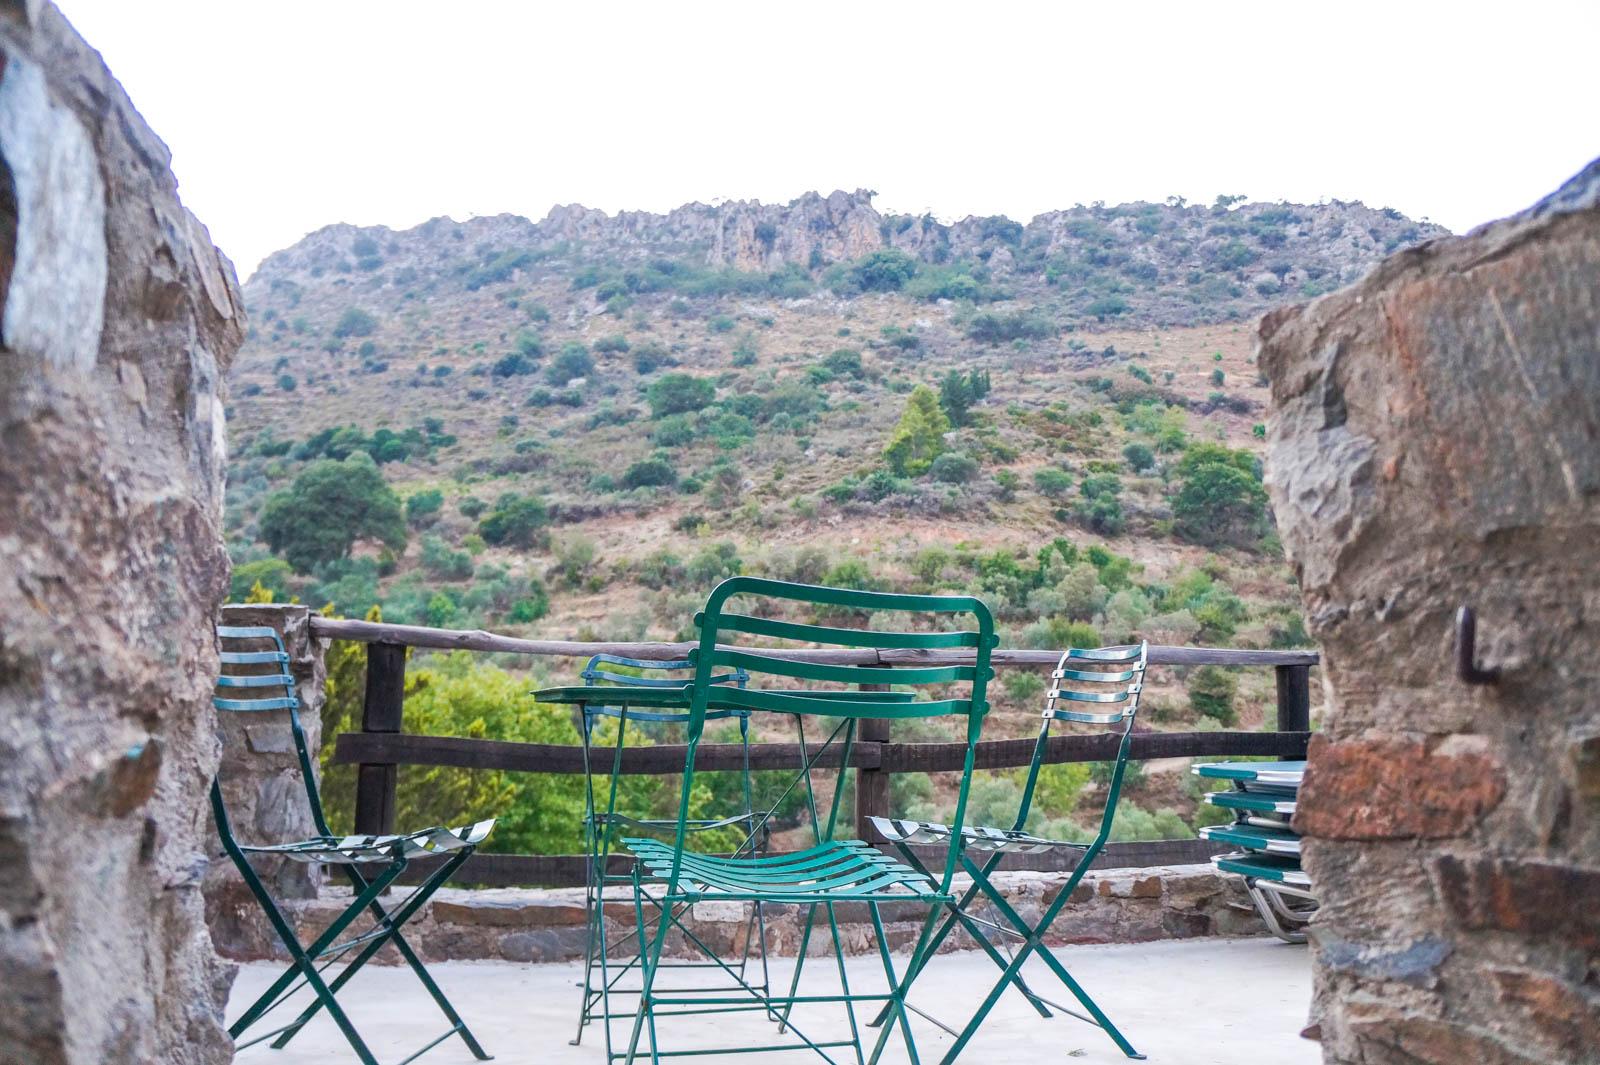 milia-crete-greece-la-vie-en-blog-all-rights-reserved-6